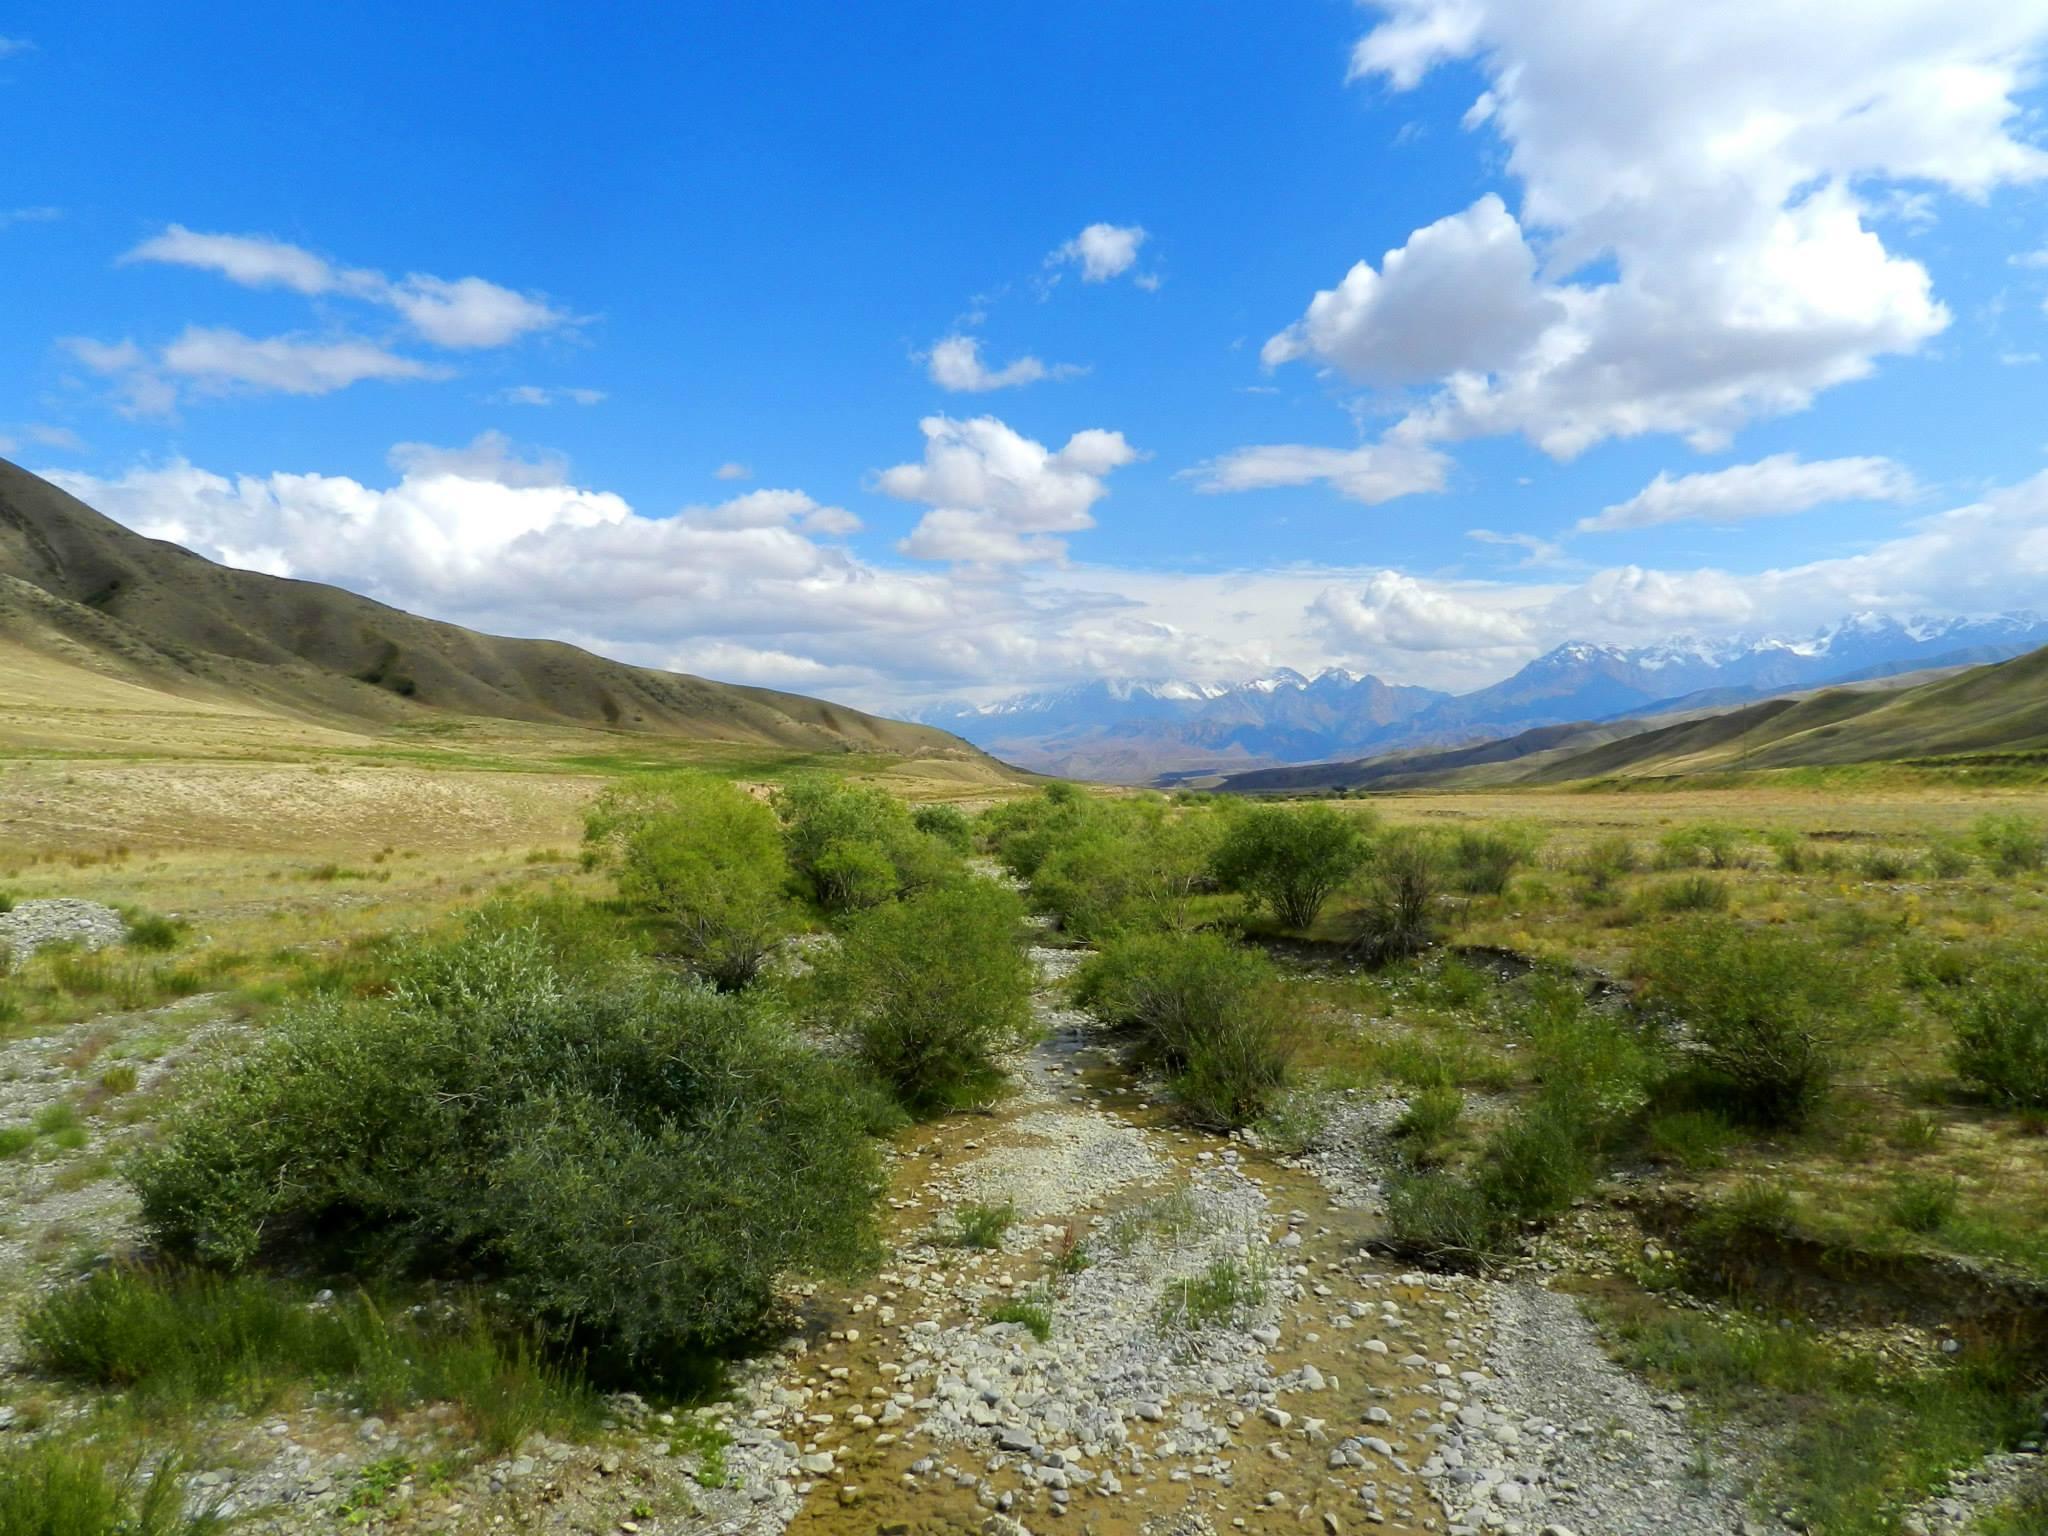 красота, нарын. путешествия кати. киргизия